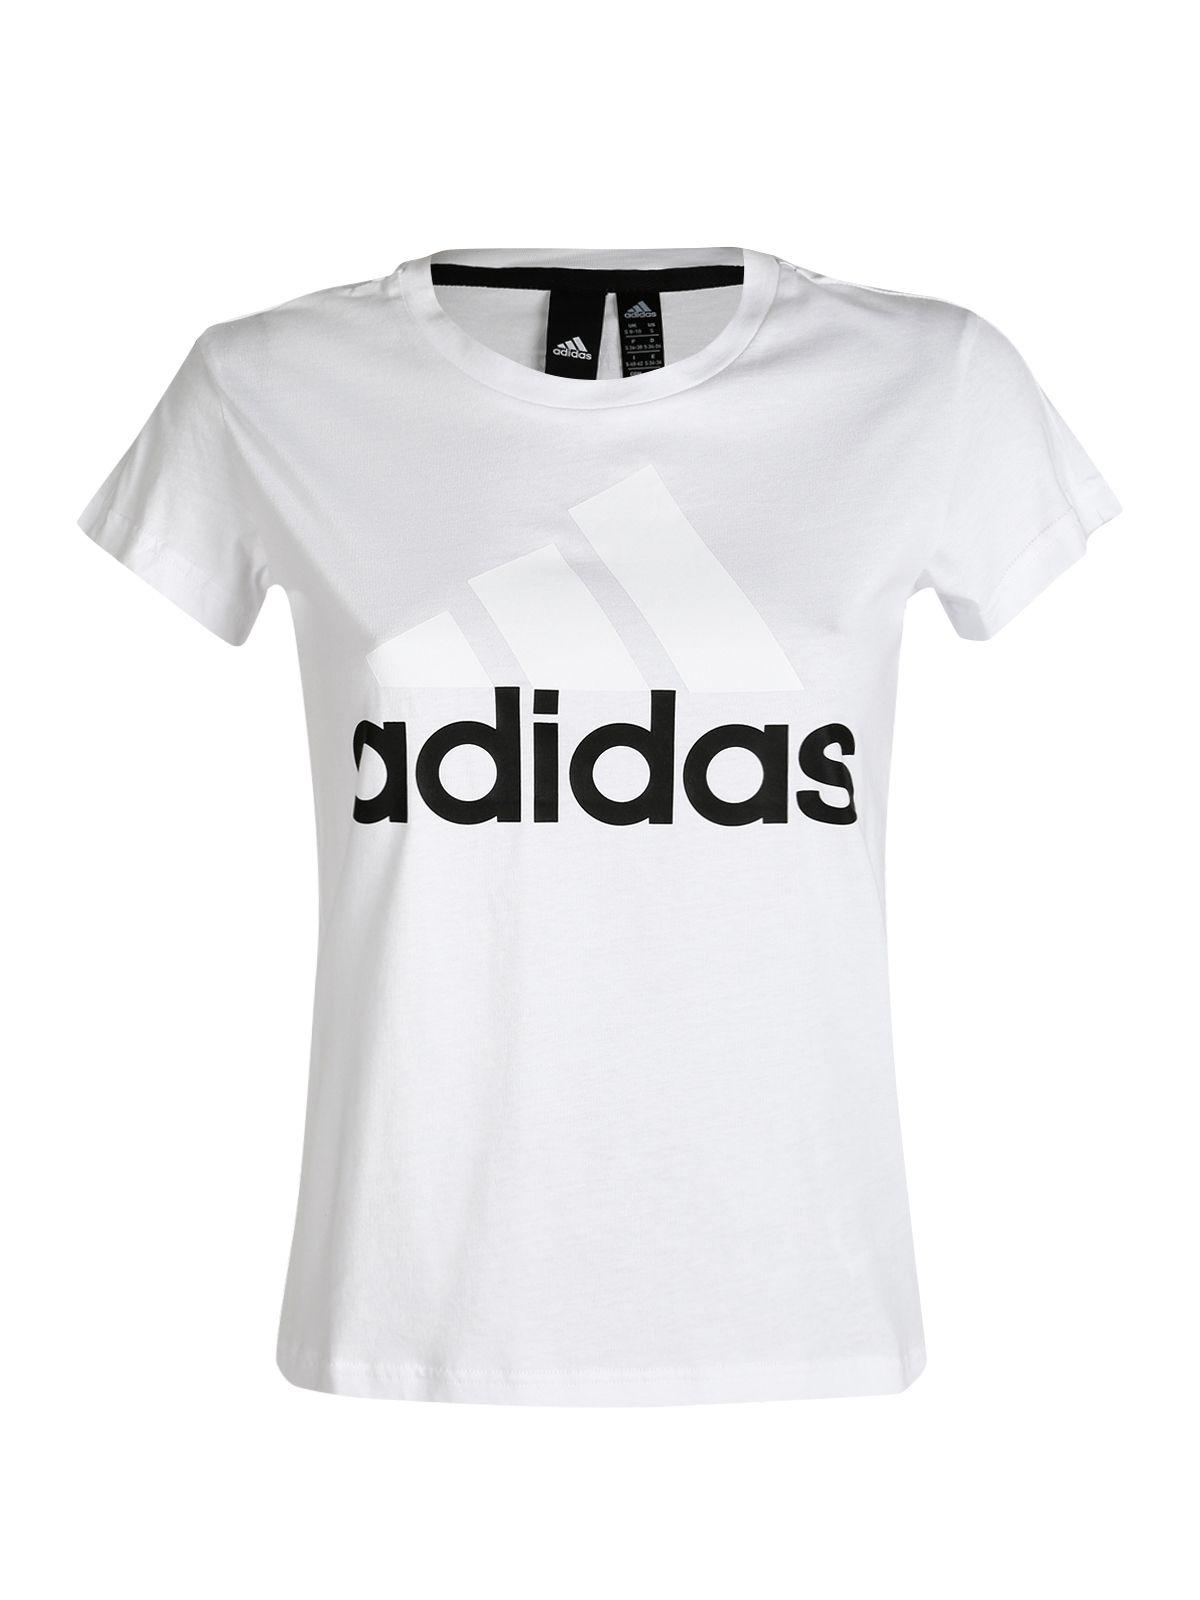 promozione speciale elegante e grazioso prezzo favorevole Essential Logo - t-shirt bianca in cotone | Adidas, Abbigliamento ...